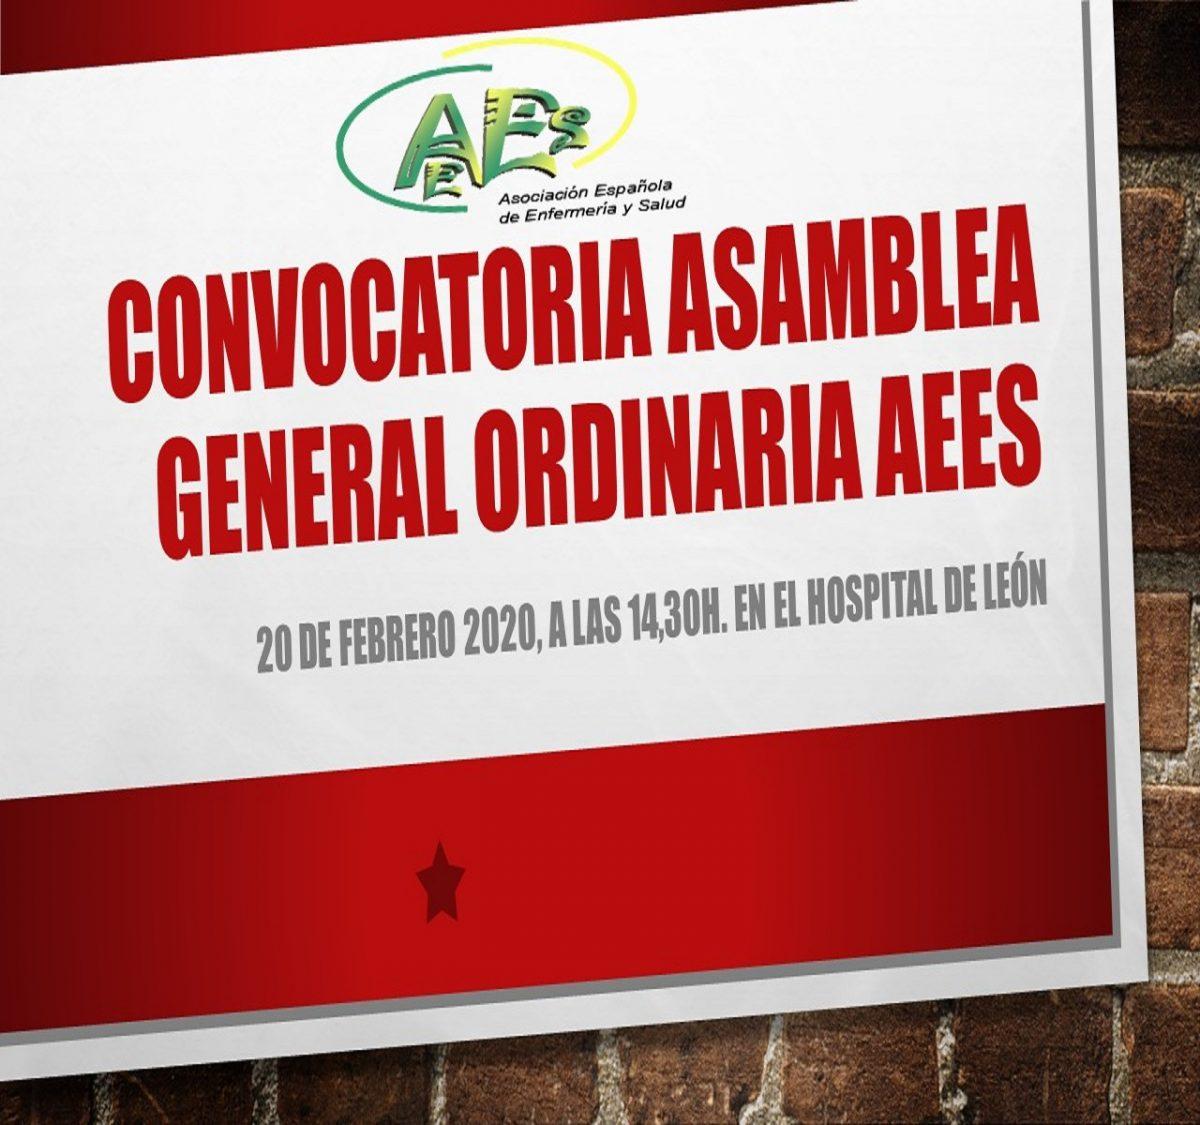 CONVOCATORIA ASAMBLEA GENERAL ORDINARIA AEES